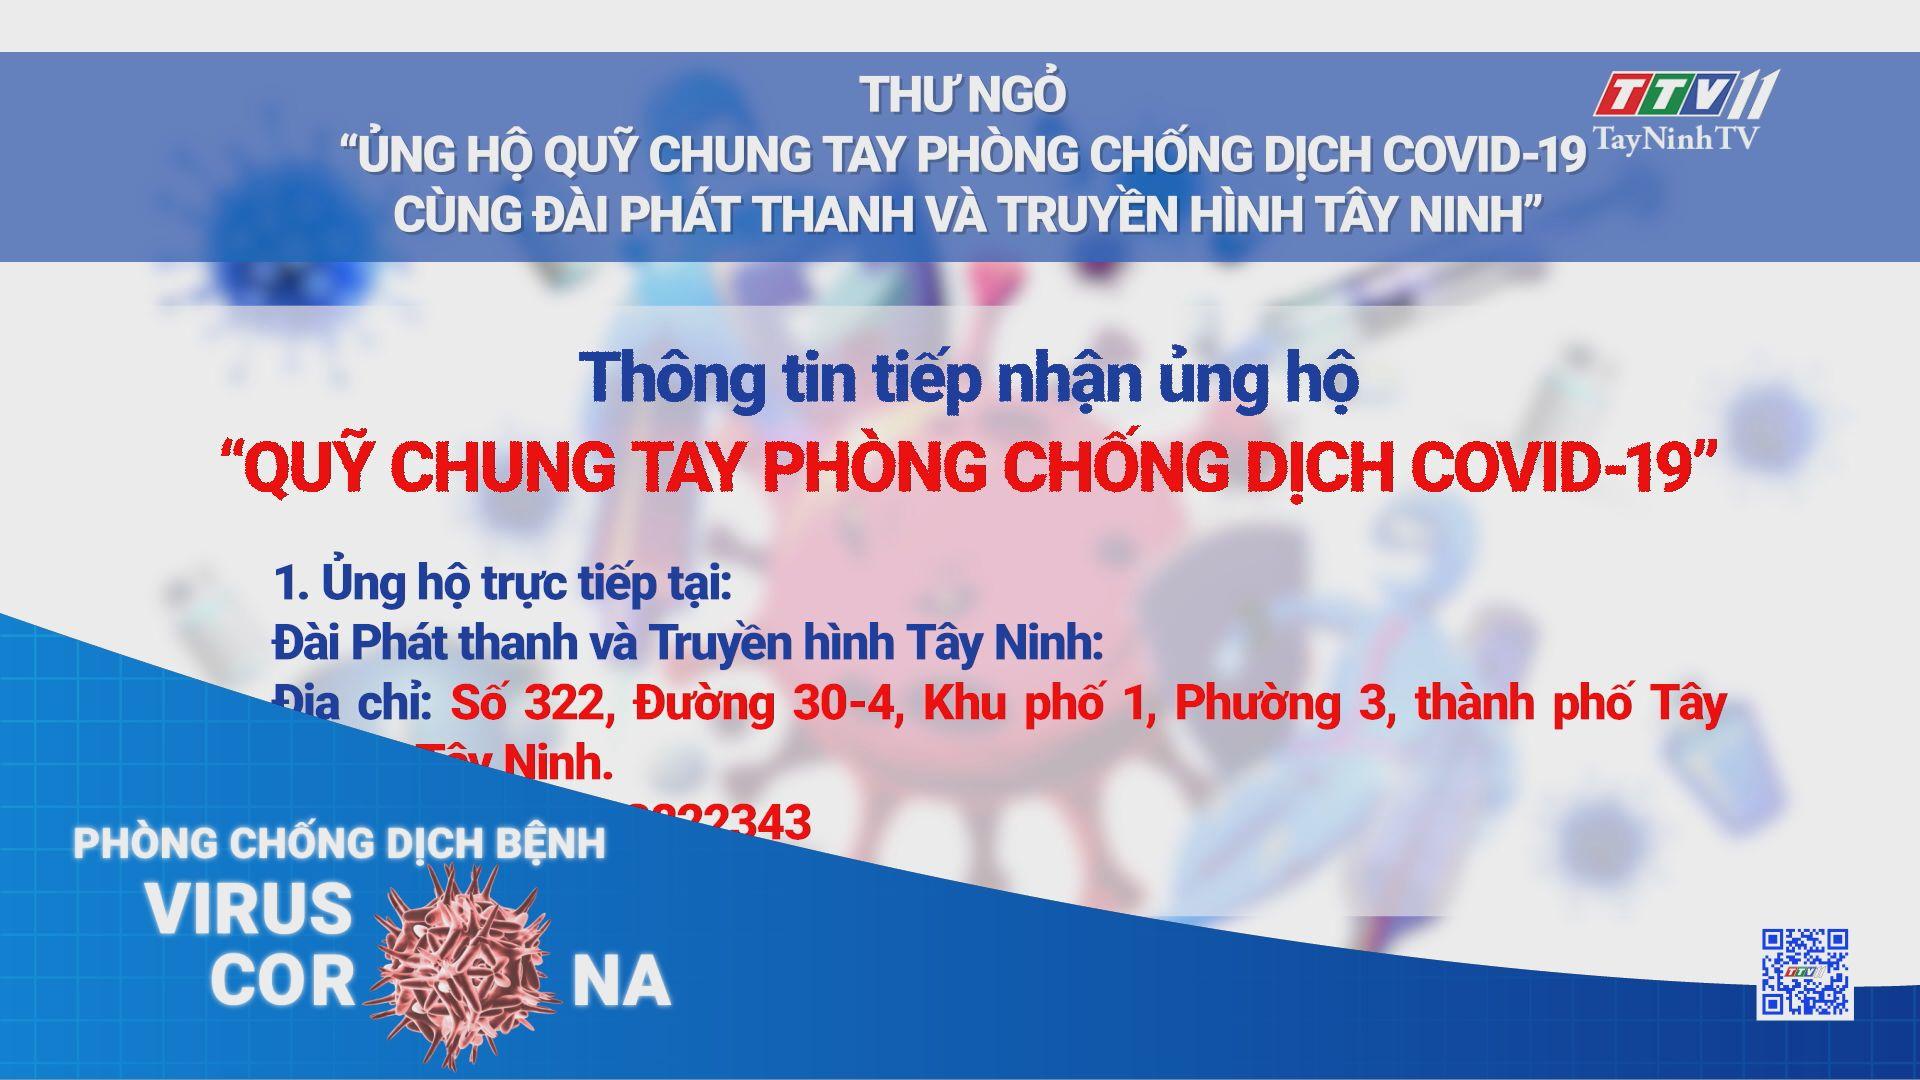 THƯ NGỎ- Ủng hộ Quỹ chung tay phòng chống dịch Covid-19 cùng Đài Phát thanh và Truyền hình Tây Ninh | THÔNG TIN DỊCH CÚM COVID-19 | TayNinhTV